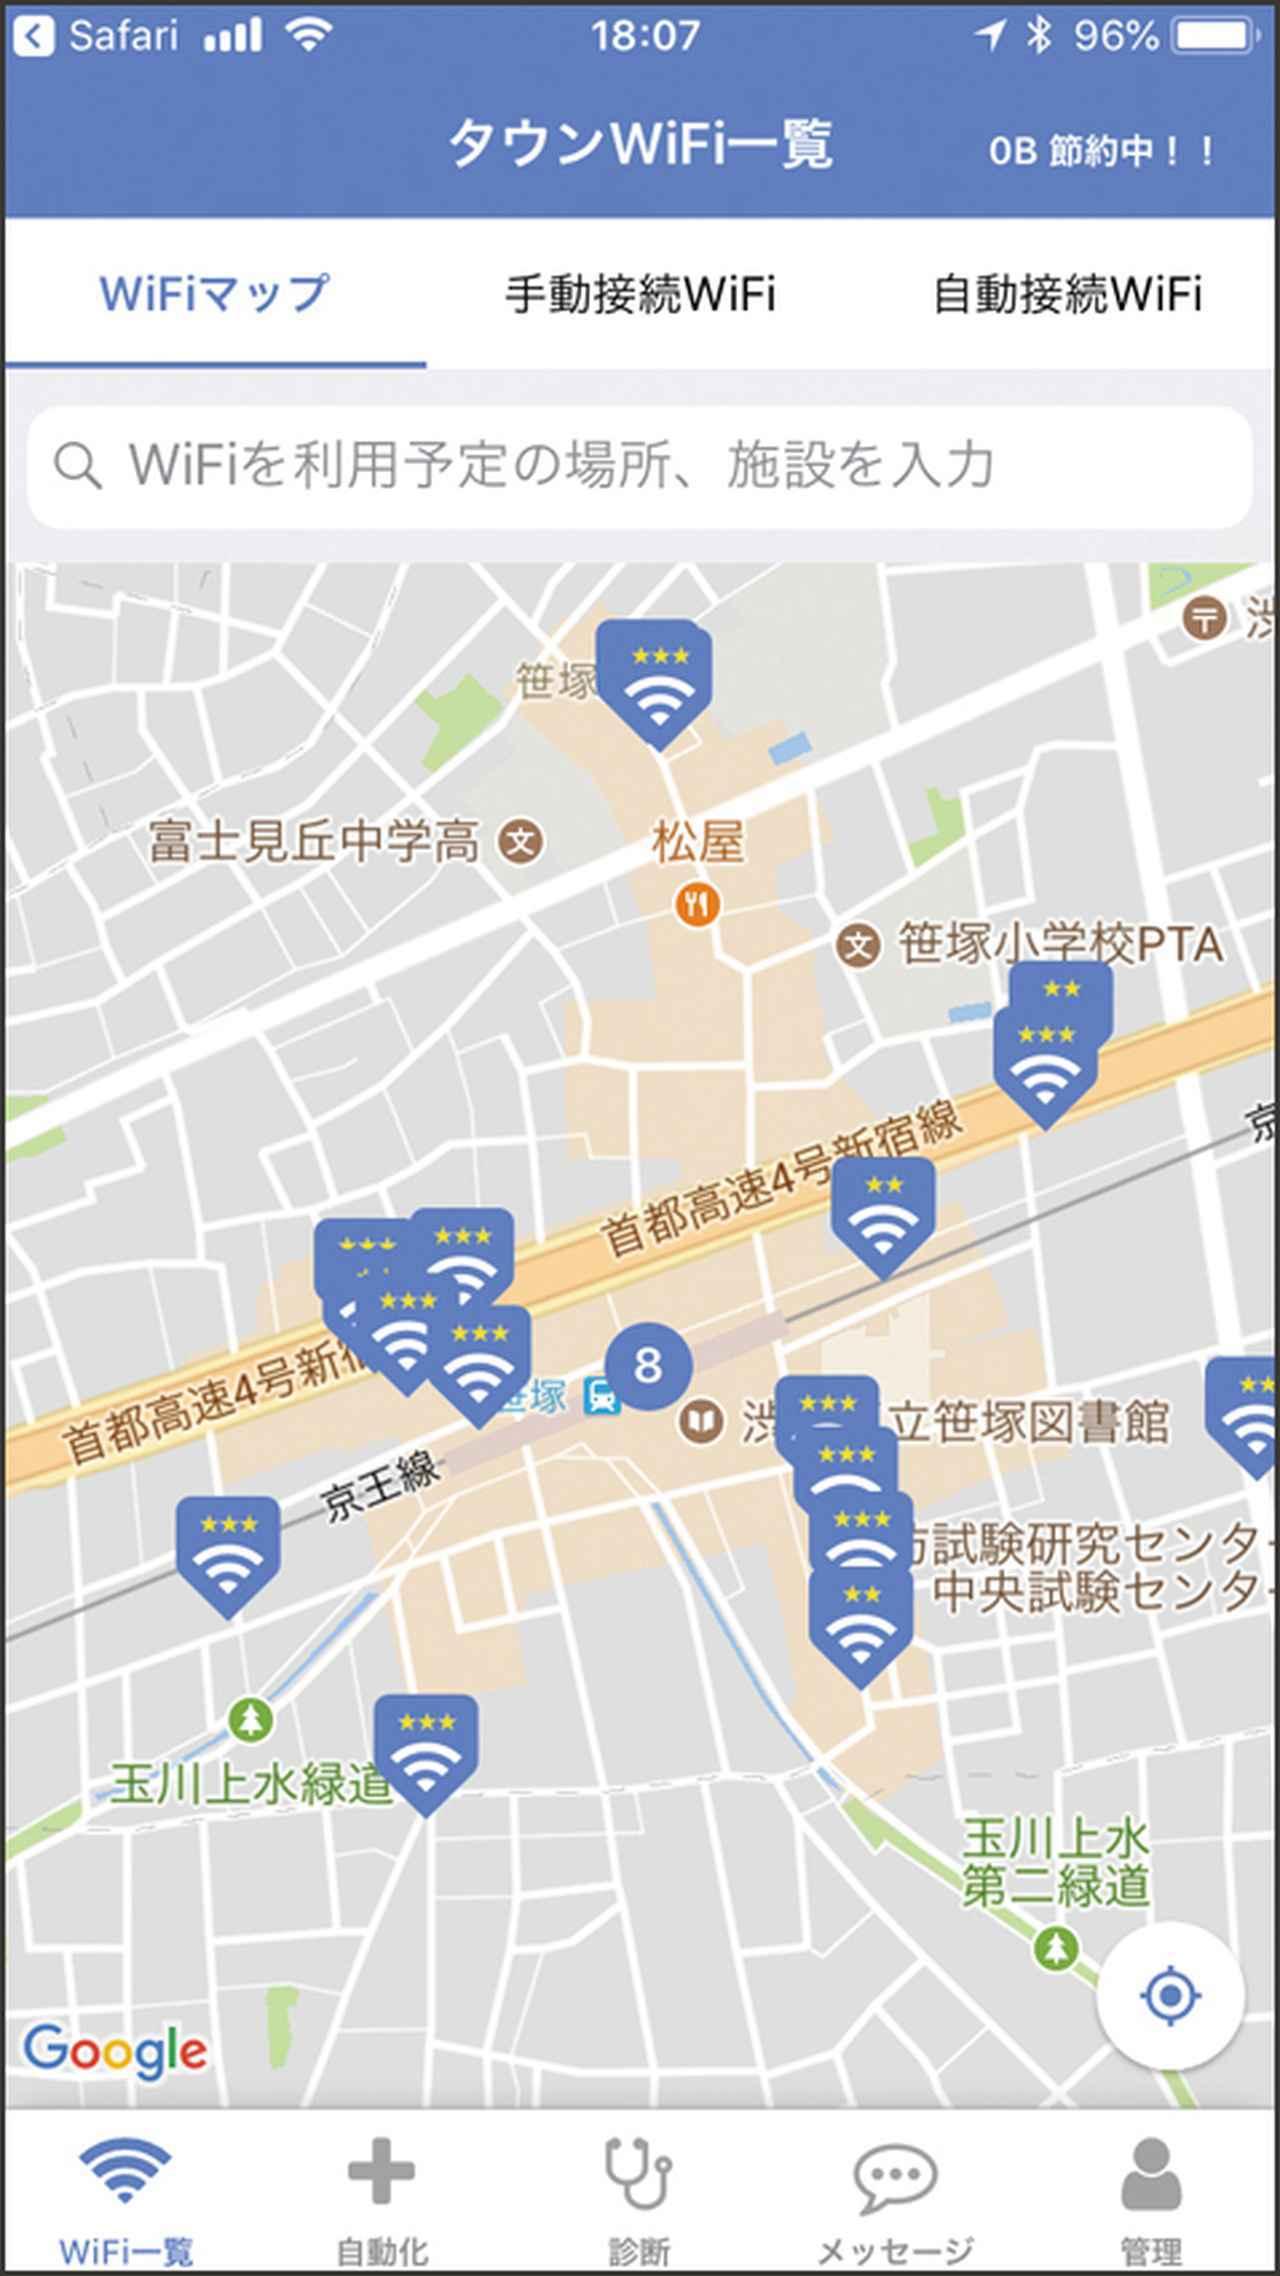 画像2: ❻街中にあるフリーWiーFiを探索して自動的に接続可能